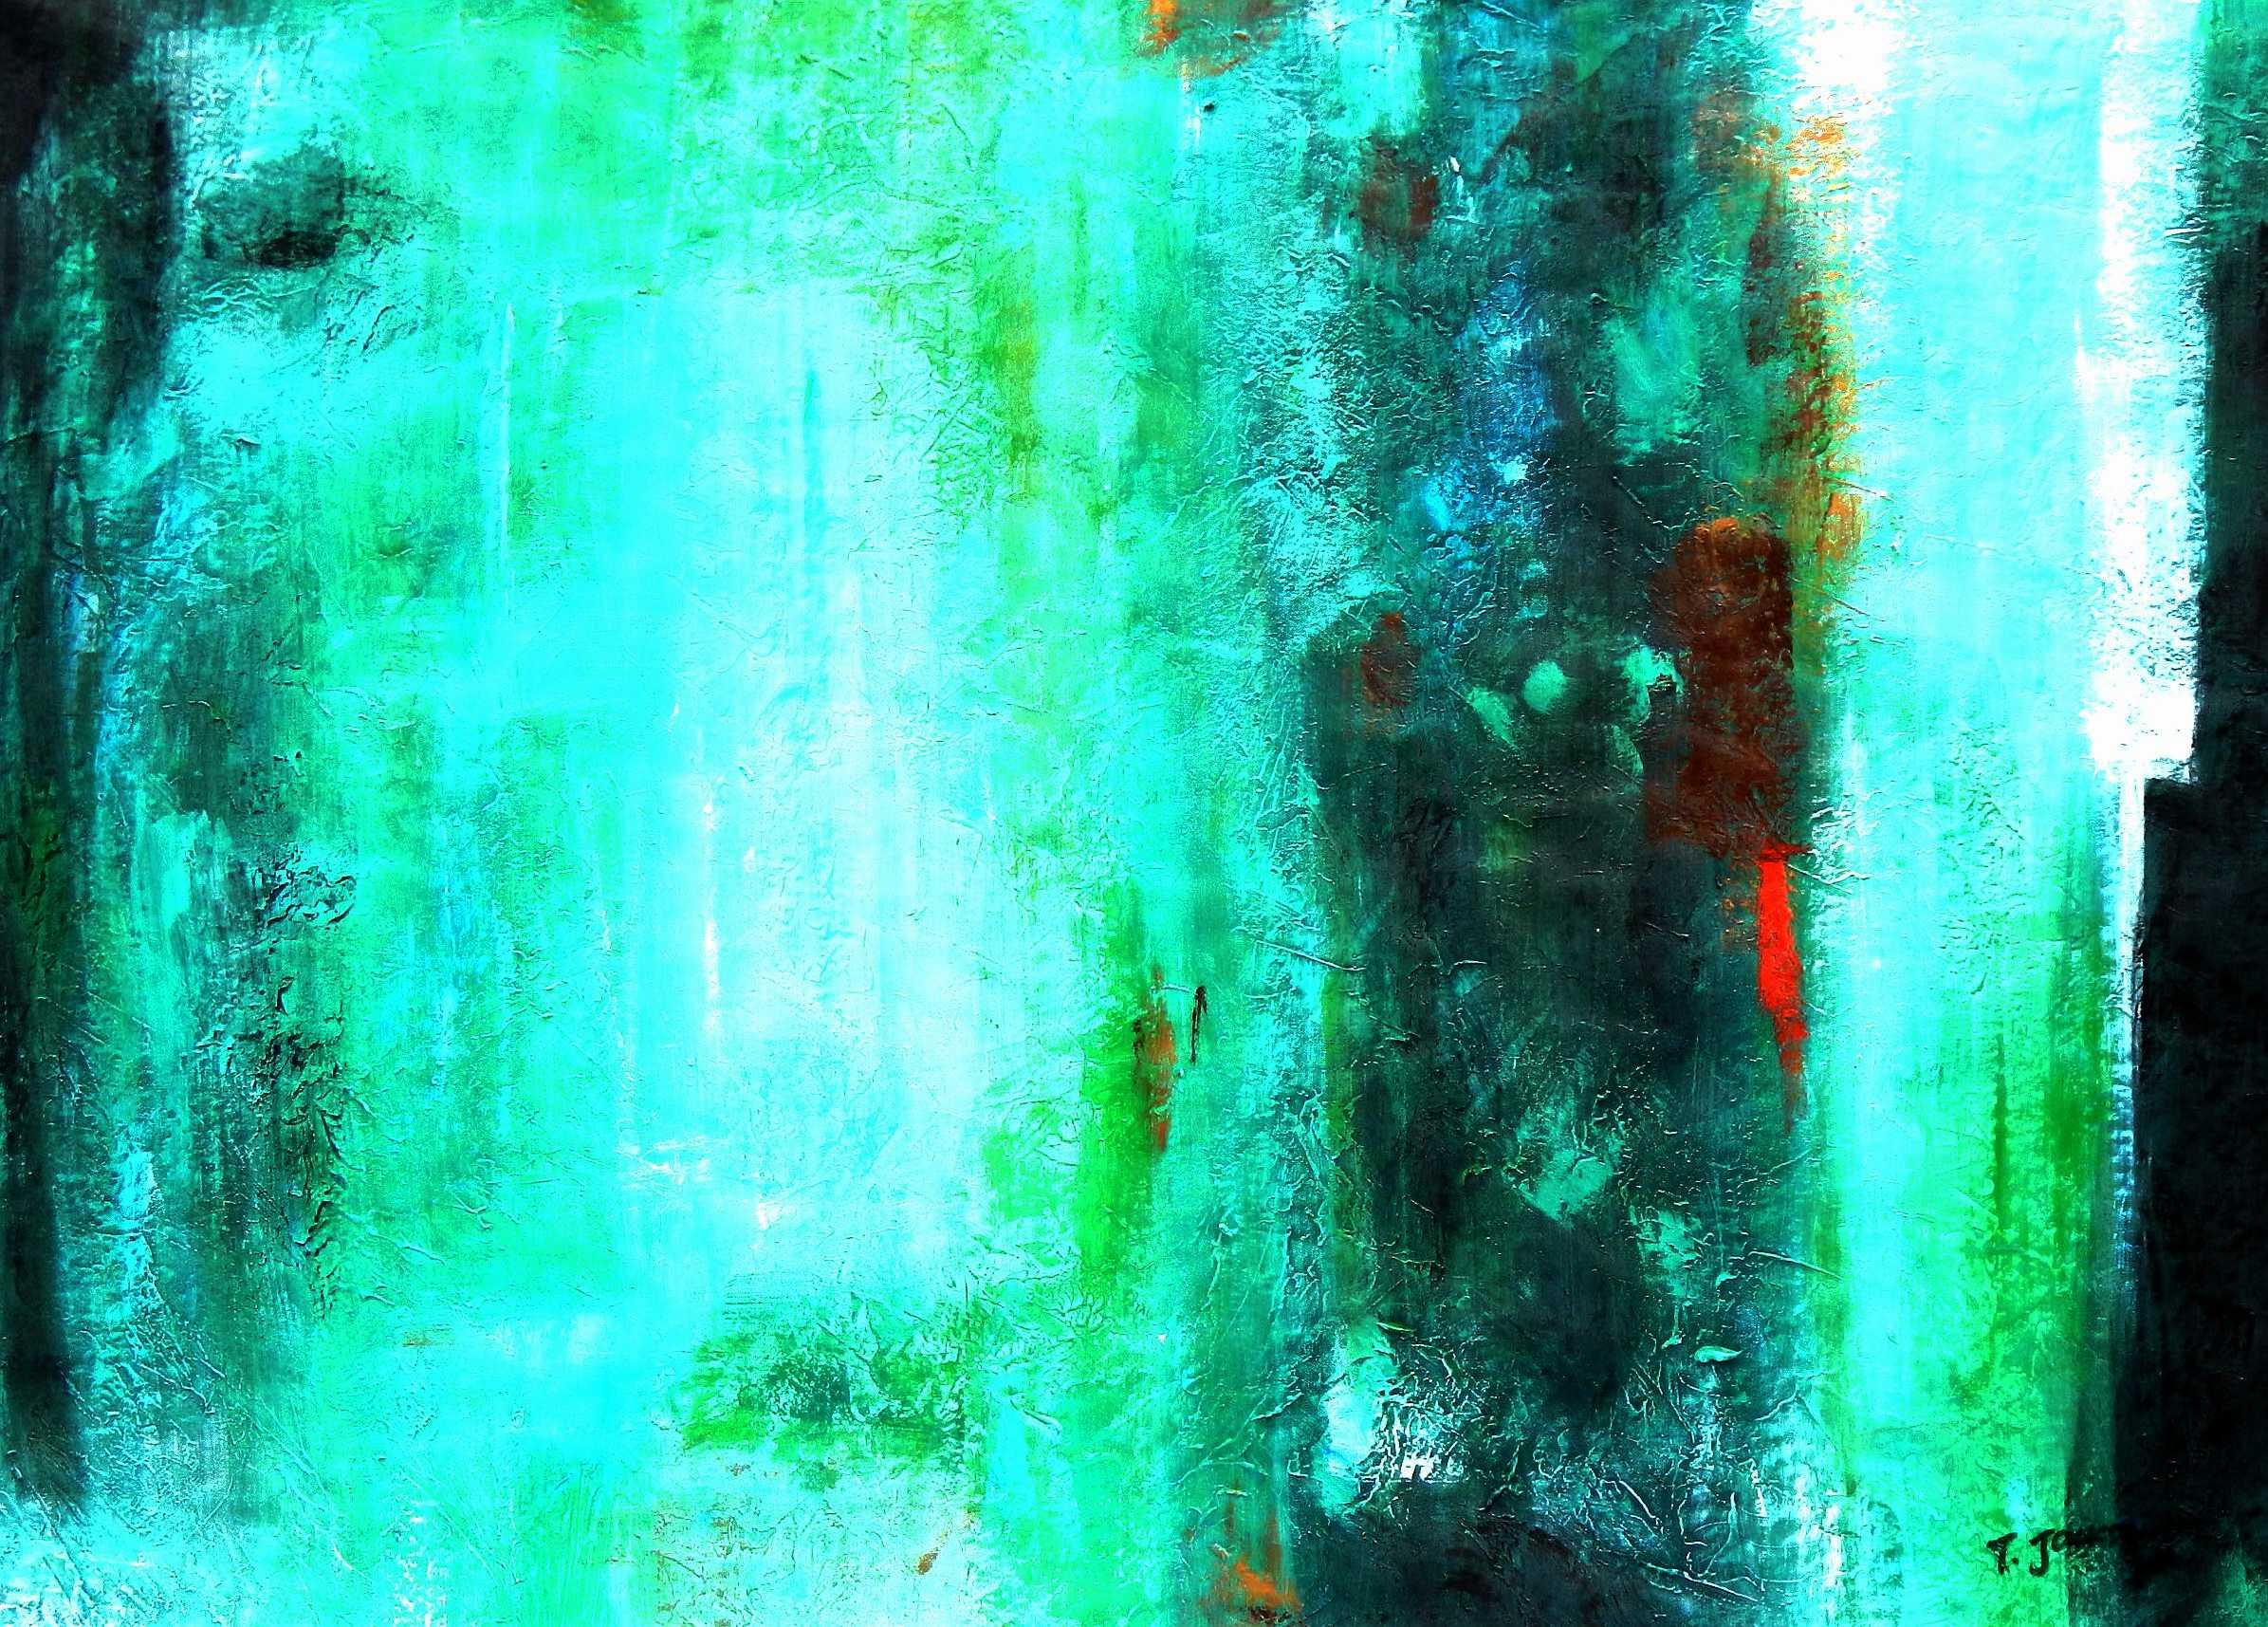 Abstract - Ireland Summer games i95916 80x110cm abstraktes Gemälde